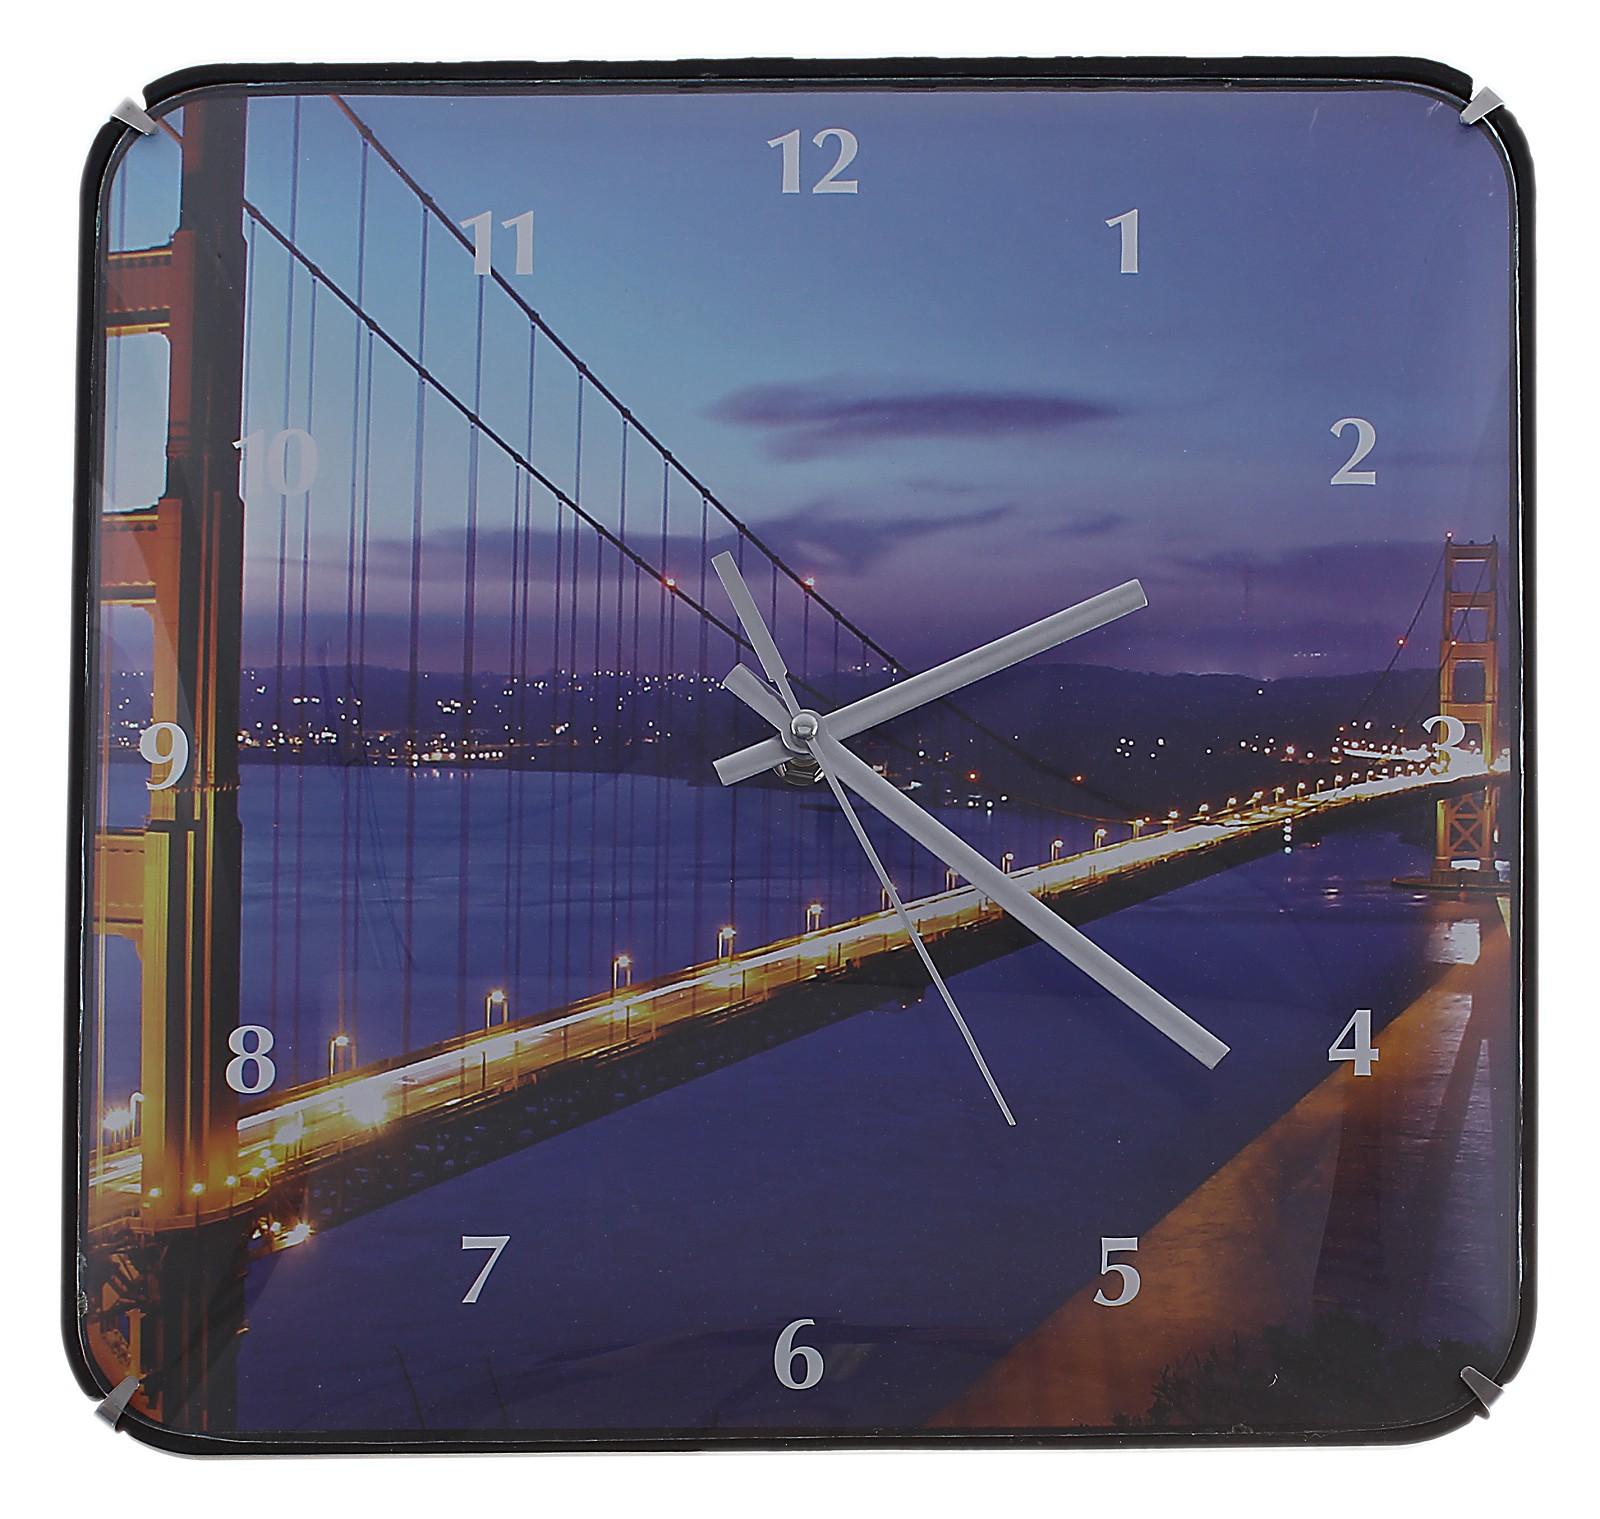 Часы настенные Ночной мост, цвет: темно-синий. 589196589196Оригинальные настенные часы Ночной мост квадратной формы выполнены из пластика и оформлены изображением моста. Часы имеют три стрелки - часовую, минутную и секундную. Циферблат часов защищен пластиком. Необычное дизайнерское решение и качество исполнения придутся по вкусу каждому.Оформите совой дом таким интерьерным аксессуаром или преподнесите его в качестве презента друзьям, и они оценят ваш оригинальный вкус и неординарность подарка. Характеристики:Материал: пластик, металл. Размер: 3 см x 30 см x 30 см. Размер упаковки: 31 см х 31,5 см х 4,5 см. Артикул:589196. Работают от батарейки типа АА (в комплект не входит).